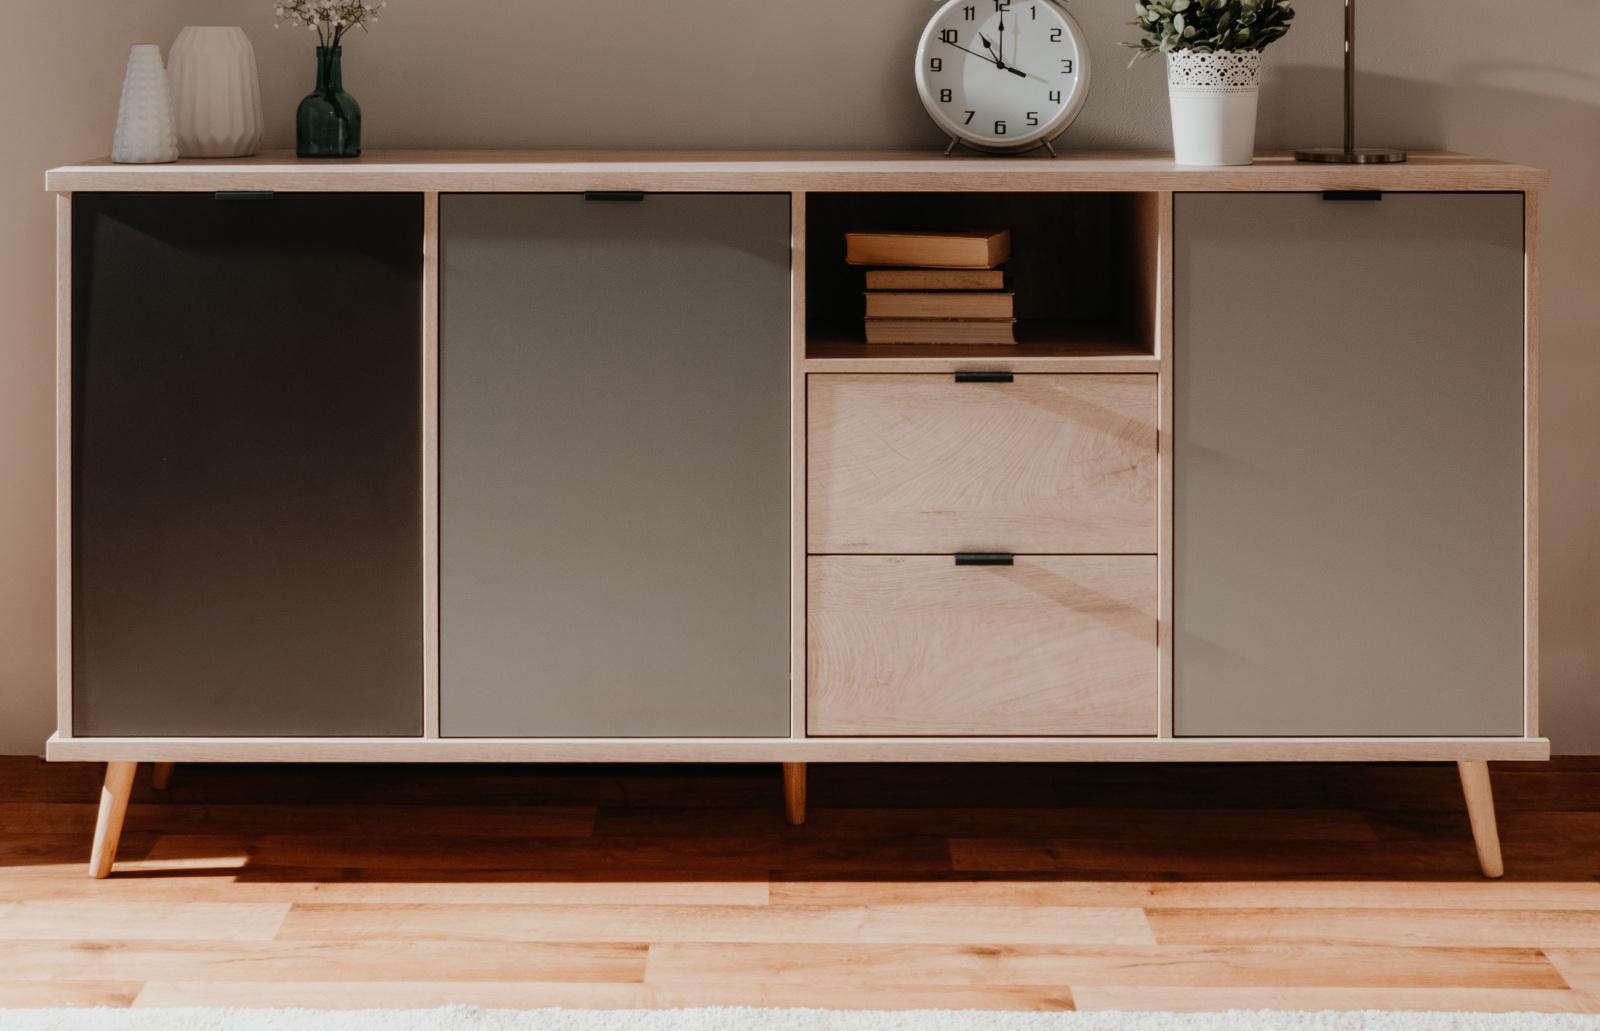 lowboard h ngend tv unterteil wei hochglanz lack italien. Black Bedroom Furniture Sets. Home Design Ideas